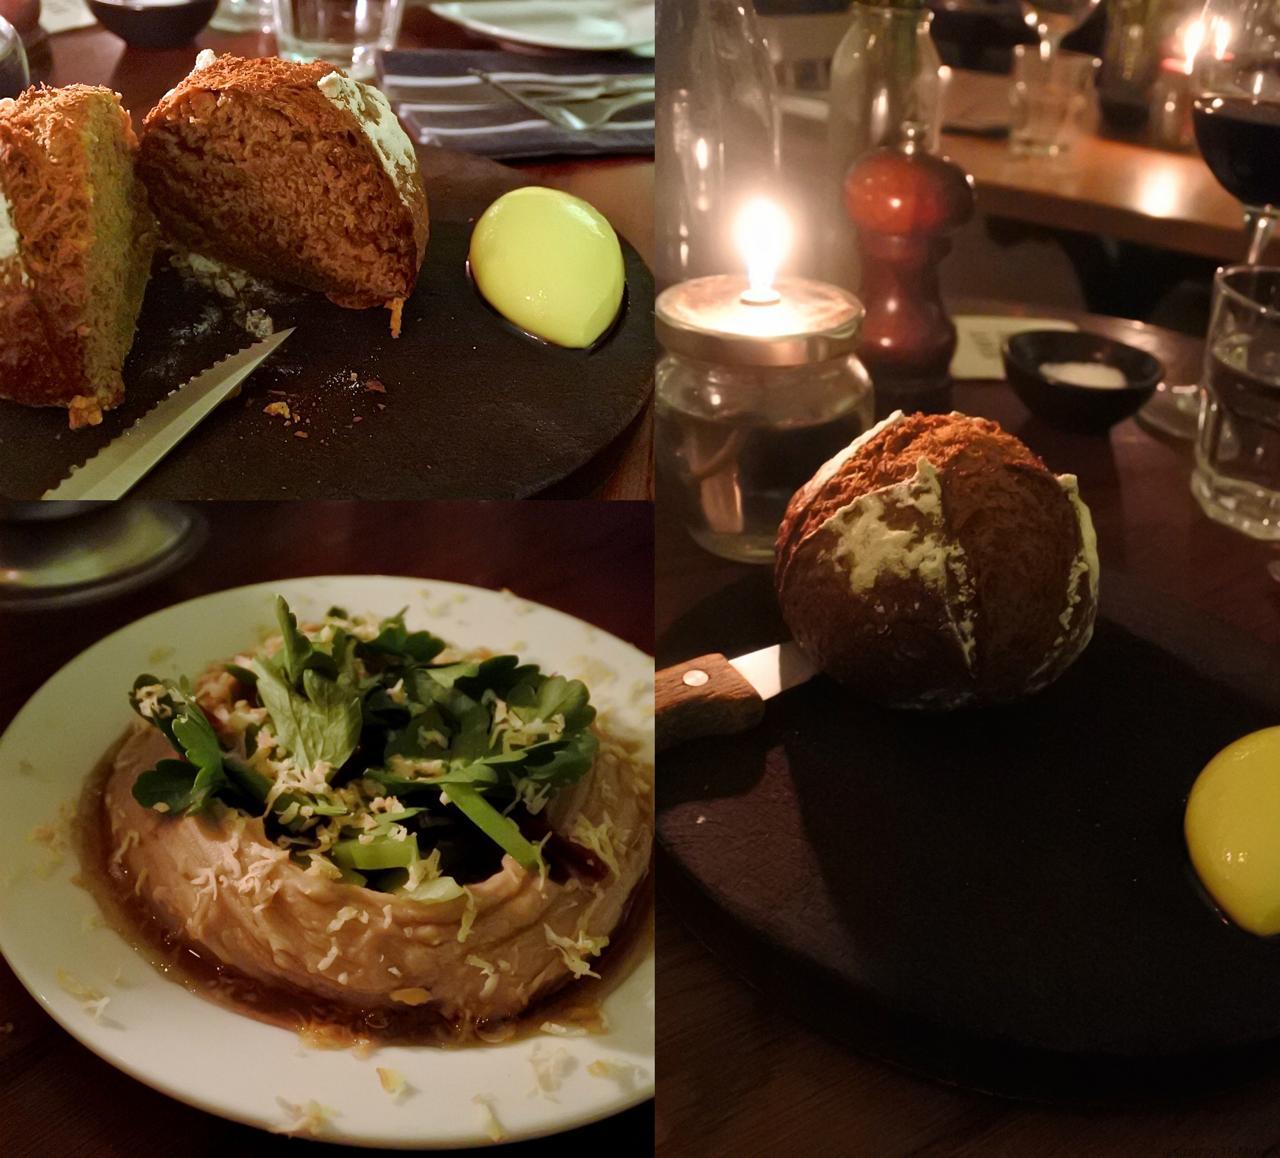 左はクリ入りのフモス。ローズマリー風味のピタ・ブレッドが付きます。右が自家製ソーダ・ブレッド!